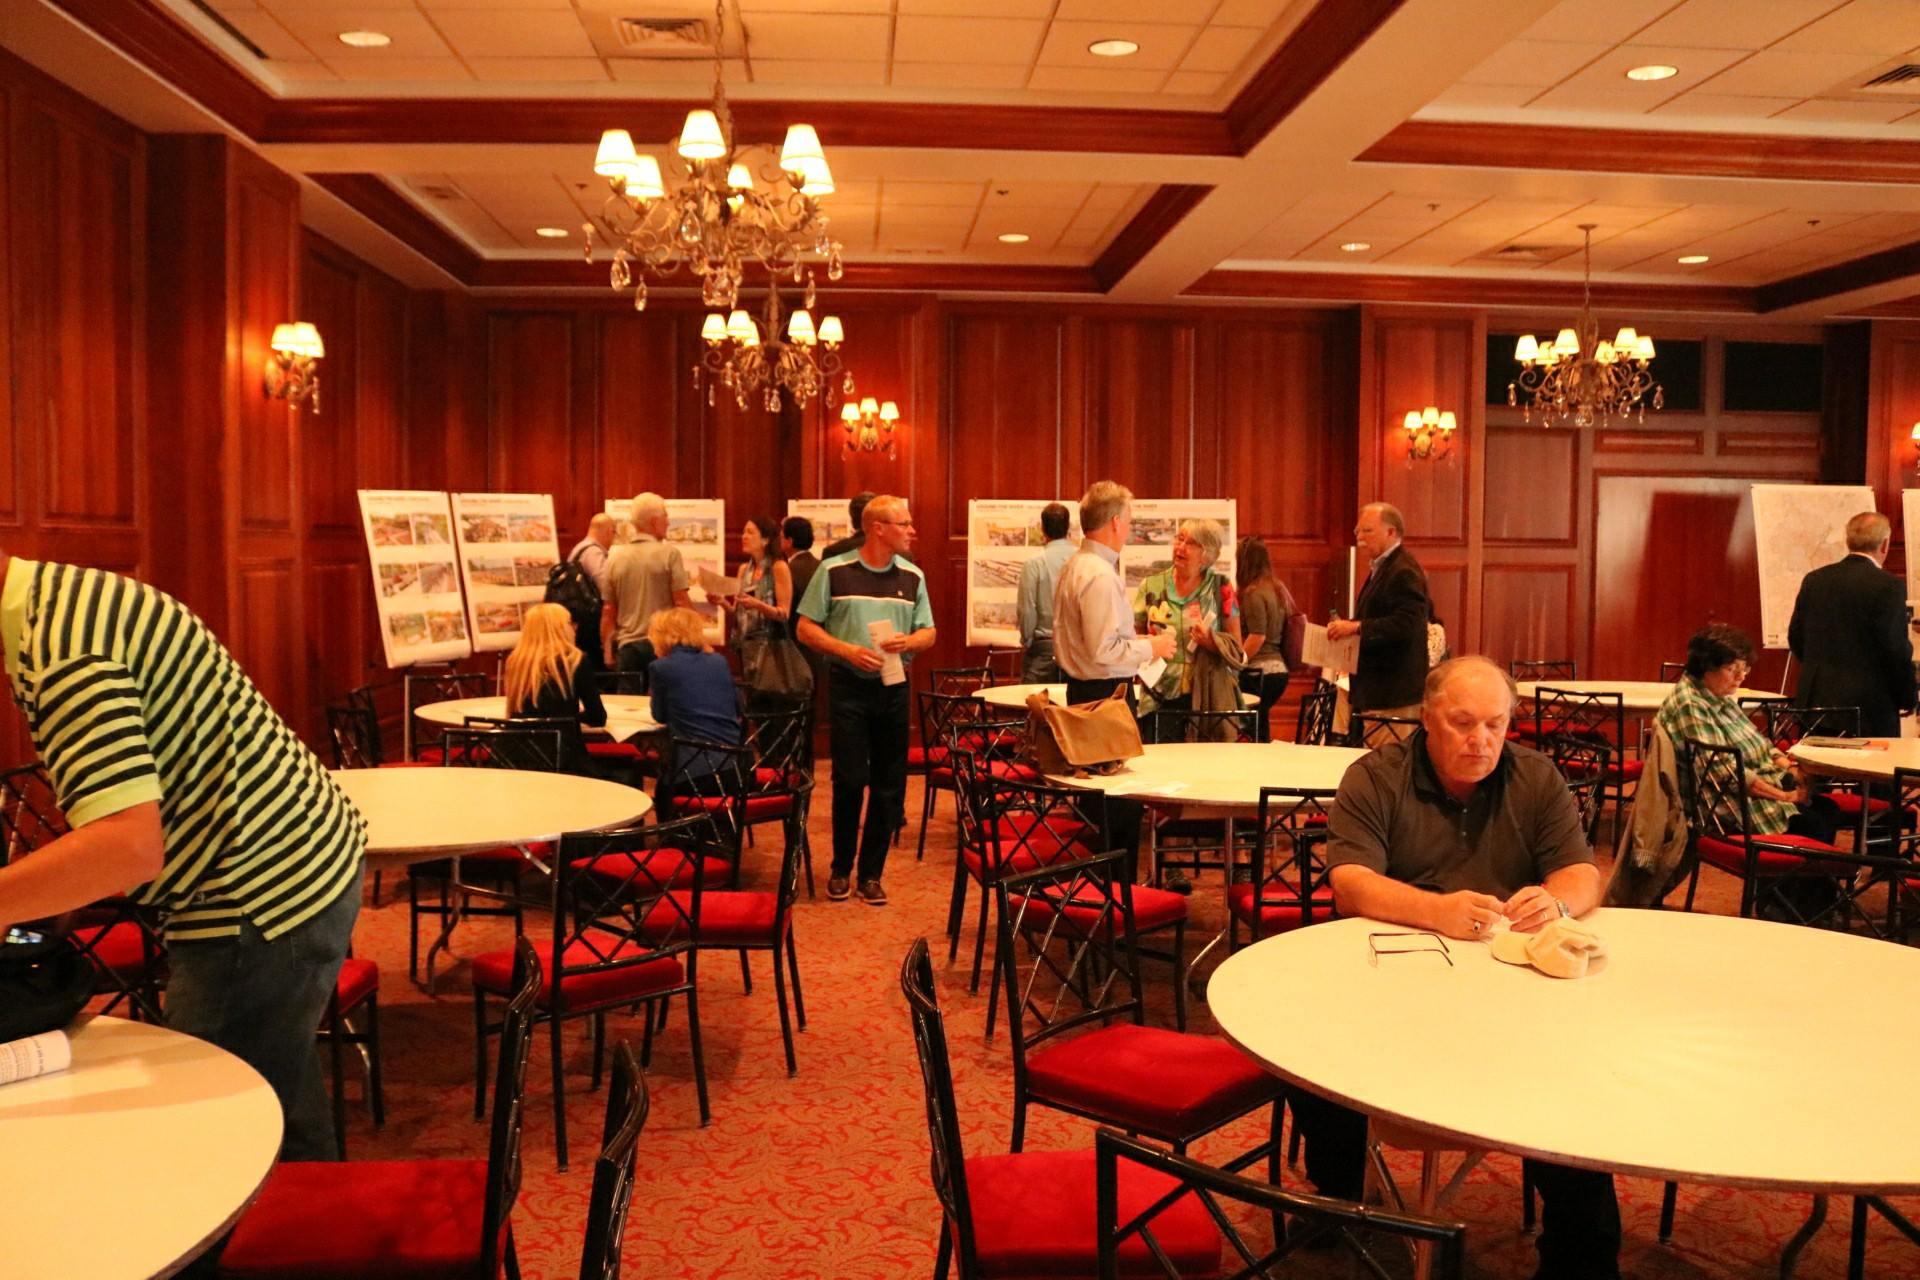 Hamilton Ohio community focus groups